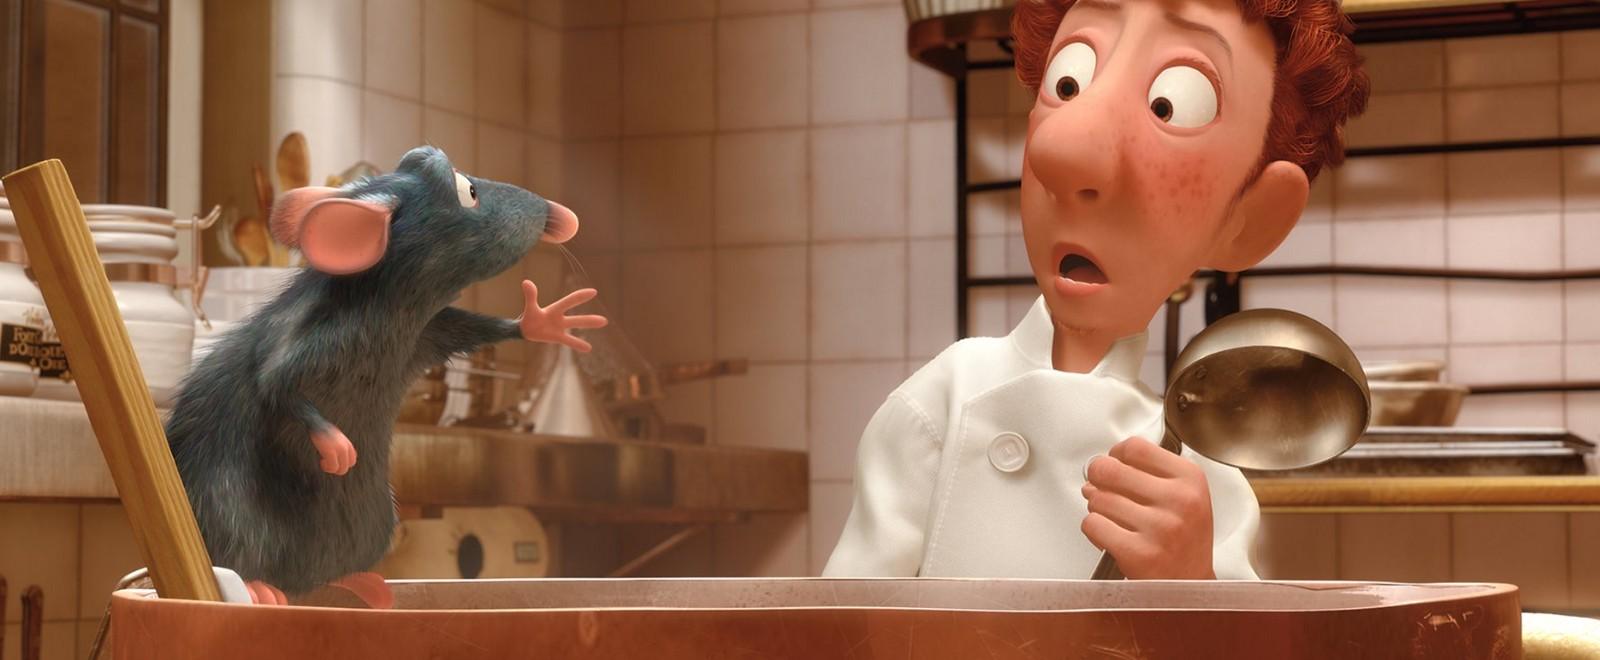 Image result for Chú chuột đầu bếp